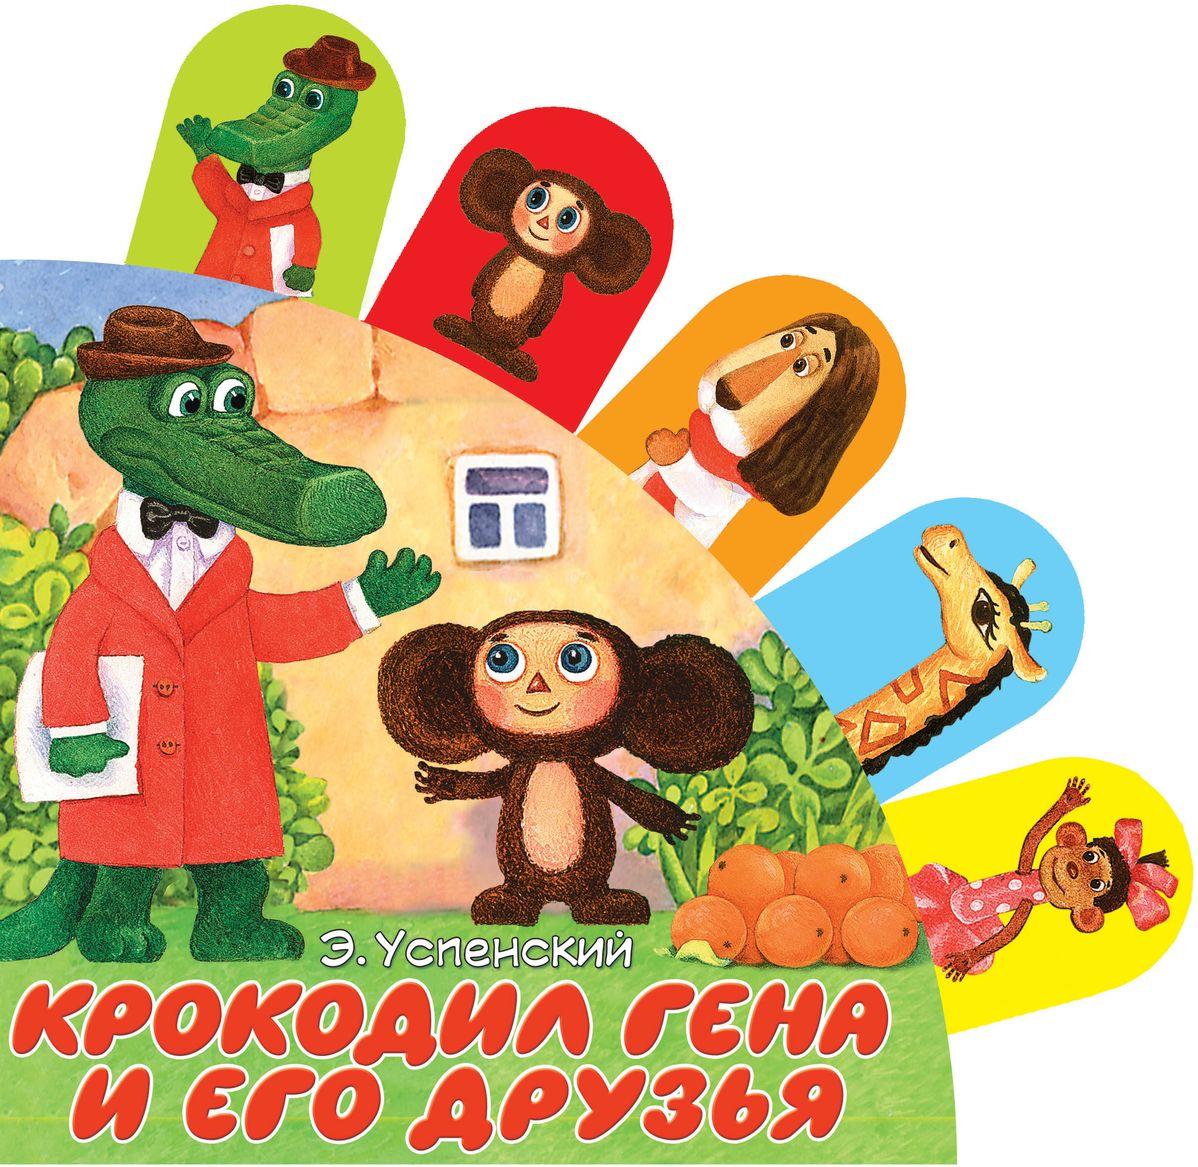 Крокодил Гена и его друзья. Э. Успенский